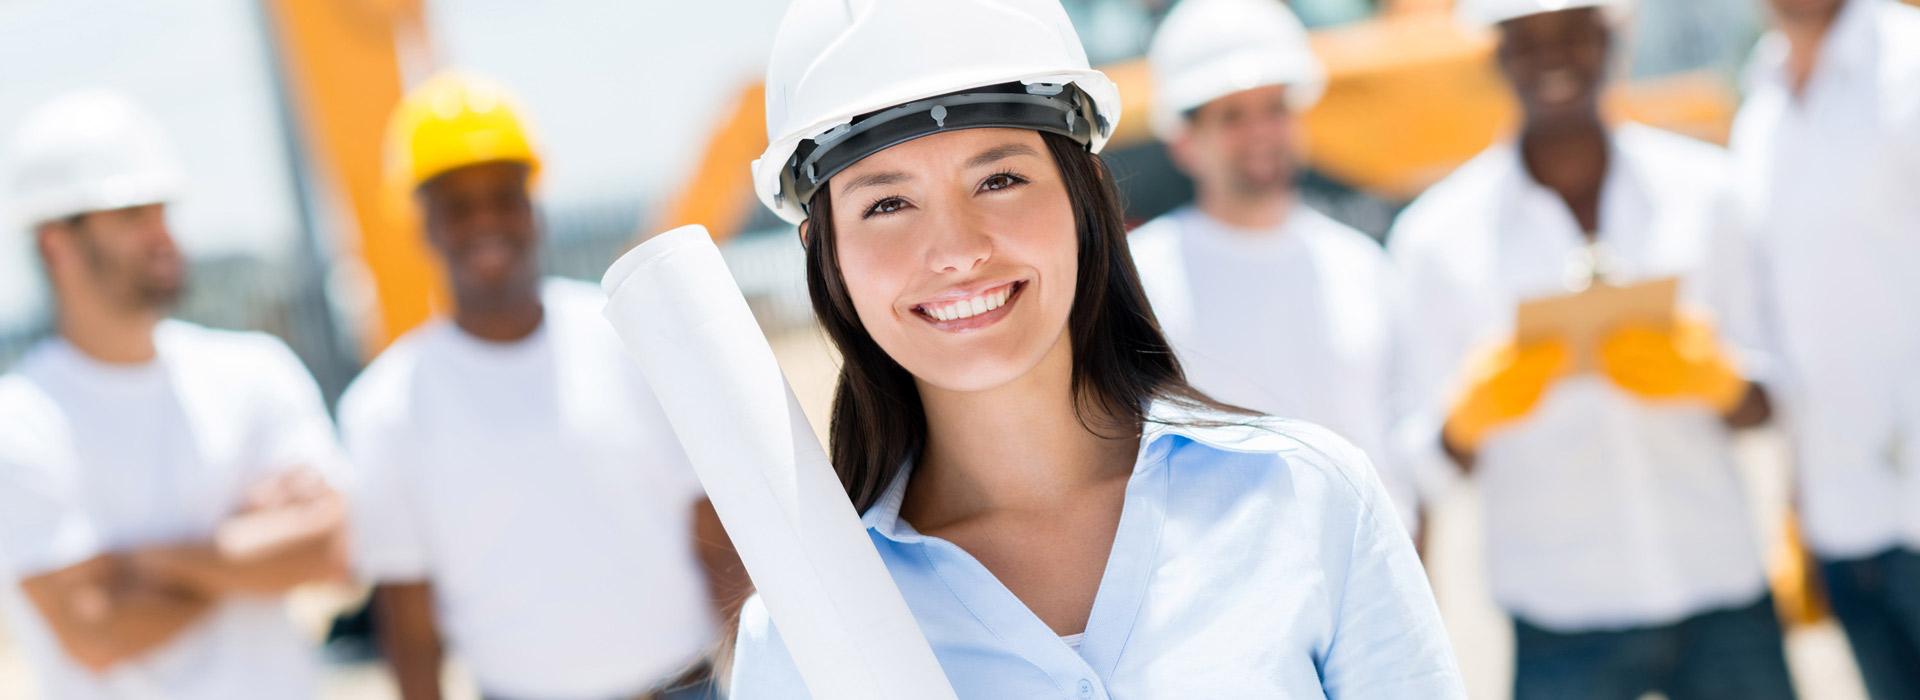 100 000 emplois de plus en 10 ans en Montérégie